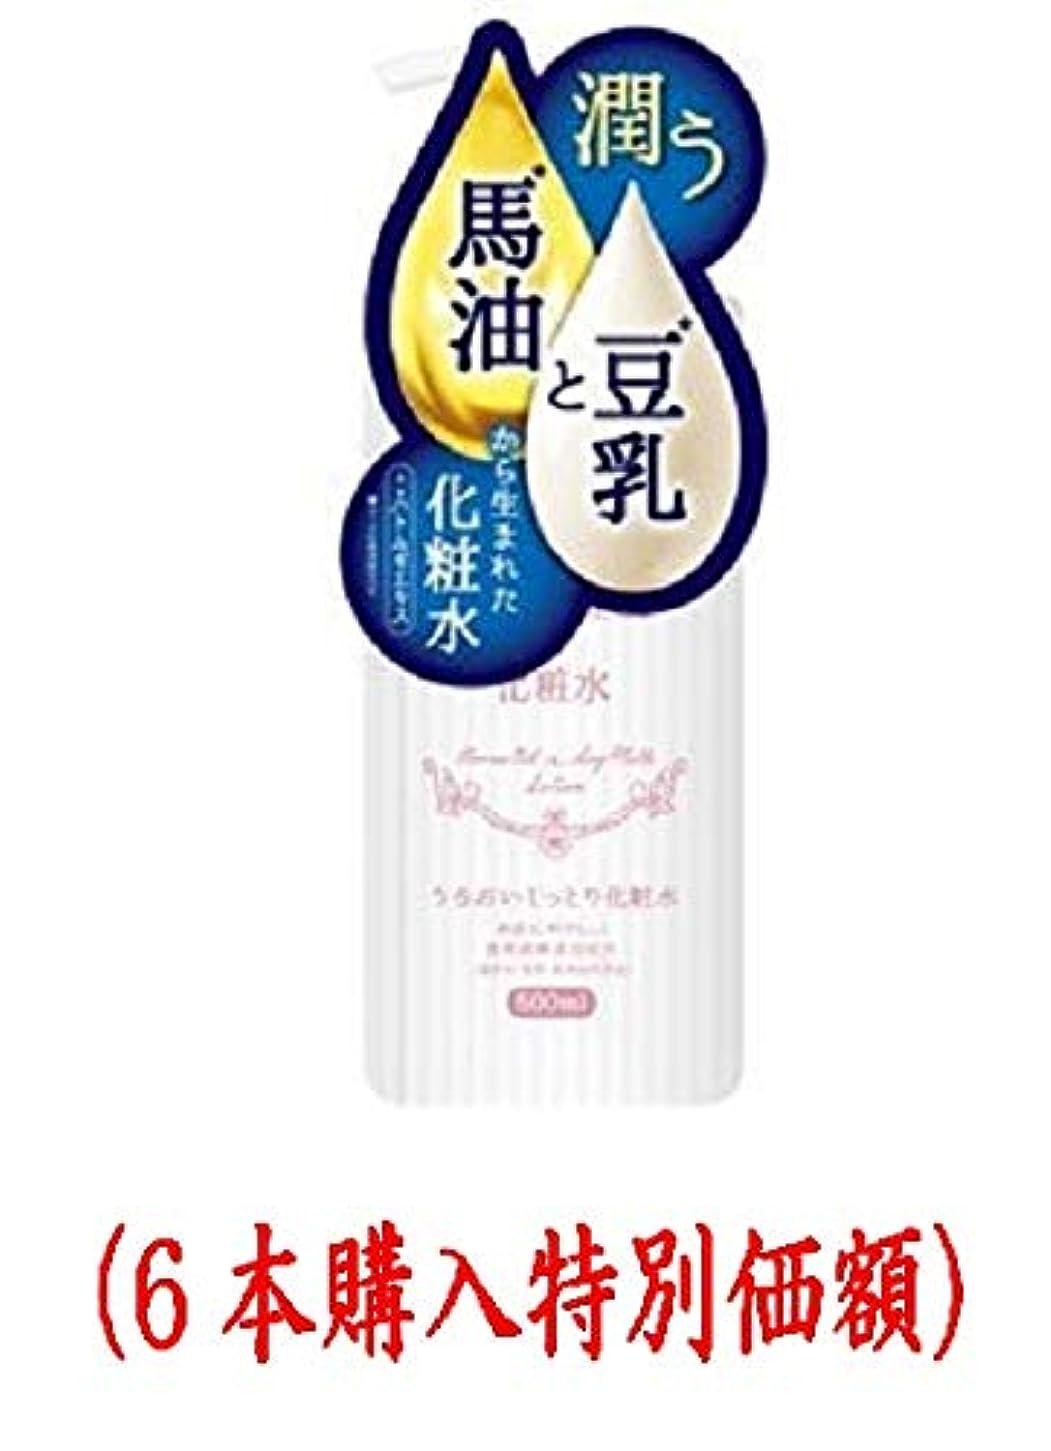 適格リフトエンドテーブル馬油と豆乳の化粧水(500mL)(6本購入価額)